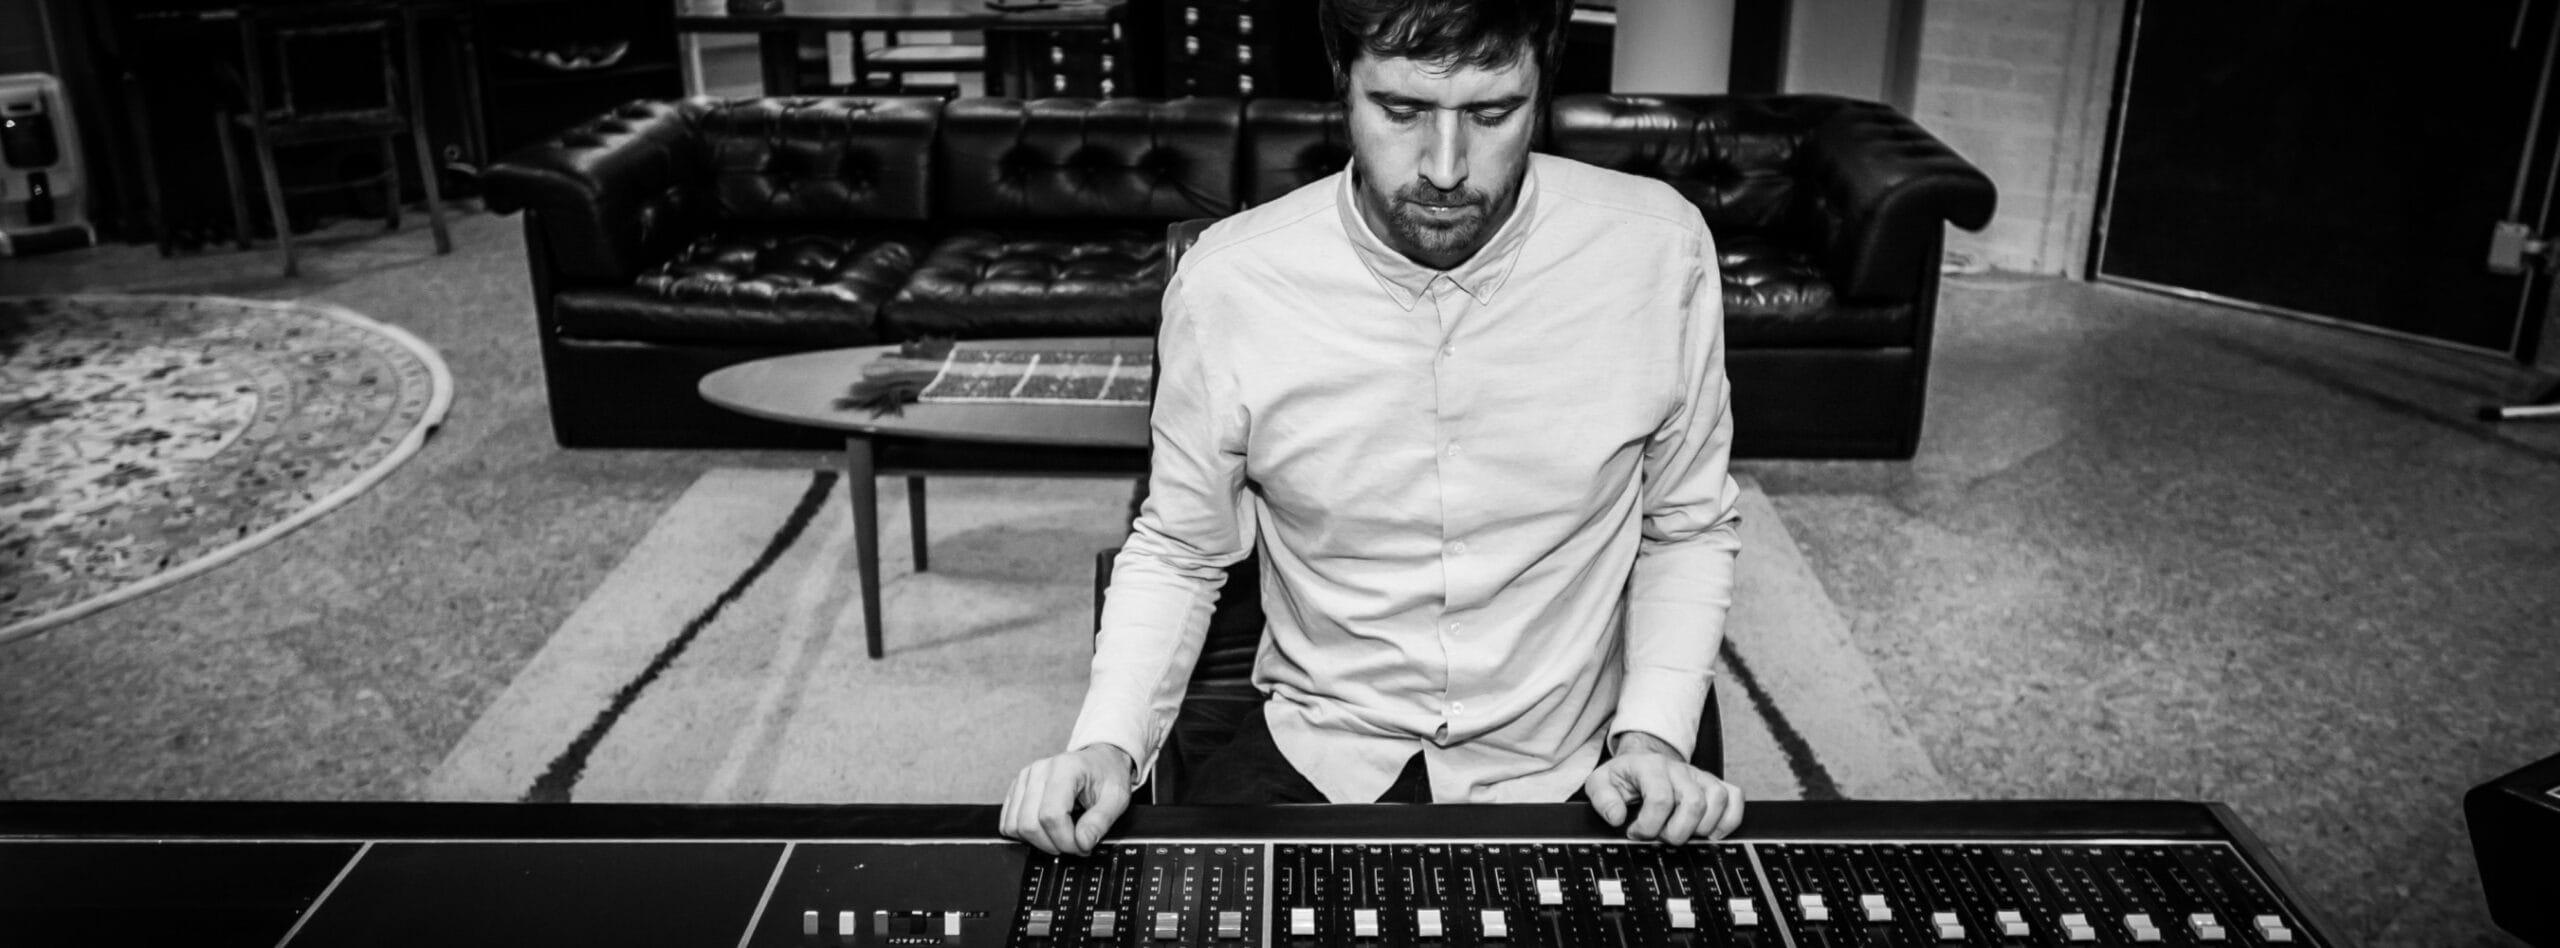 Roel Verberk behind mixing console